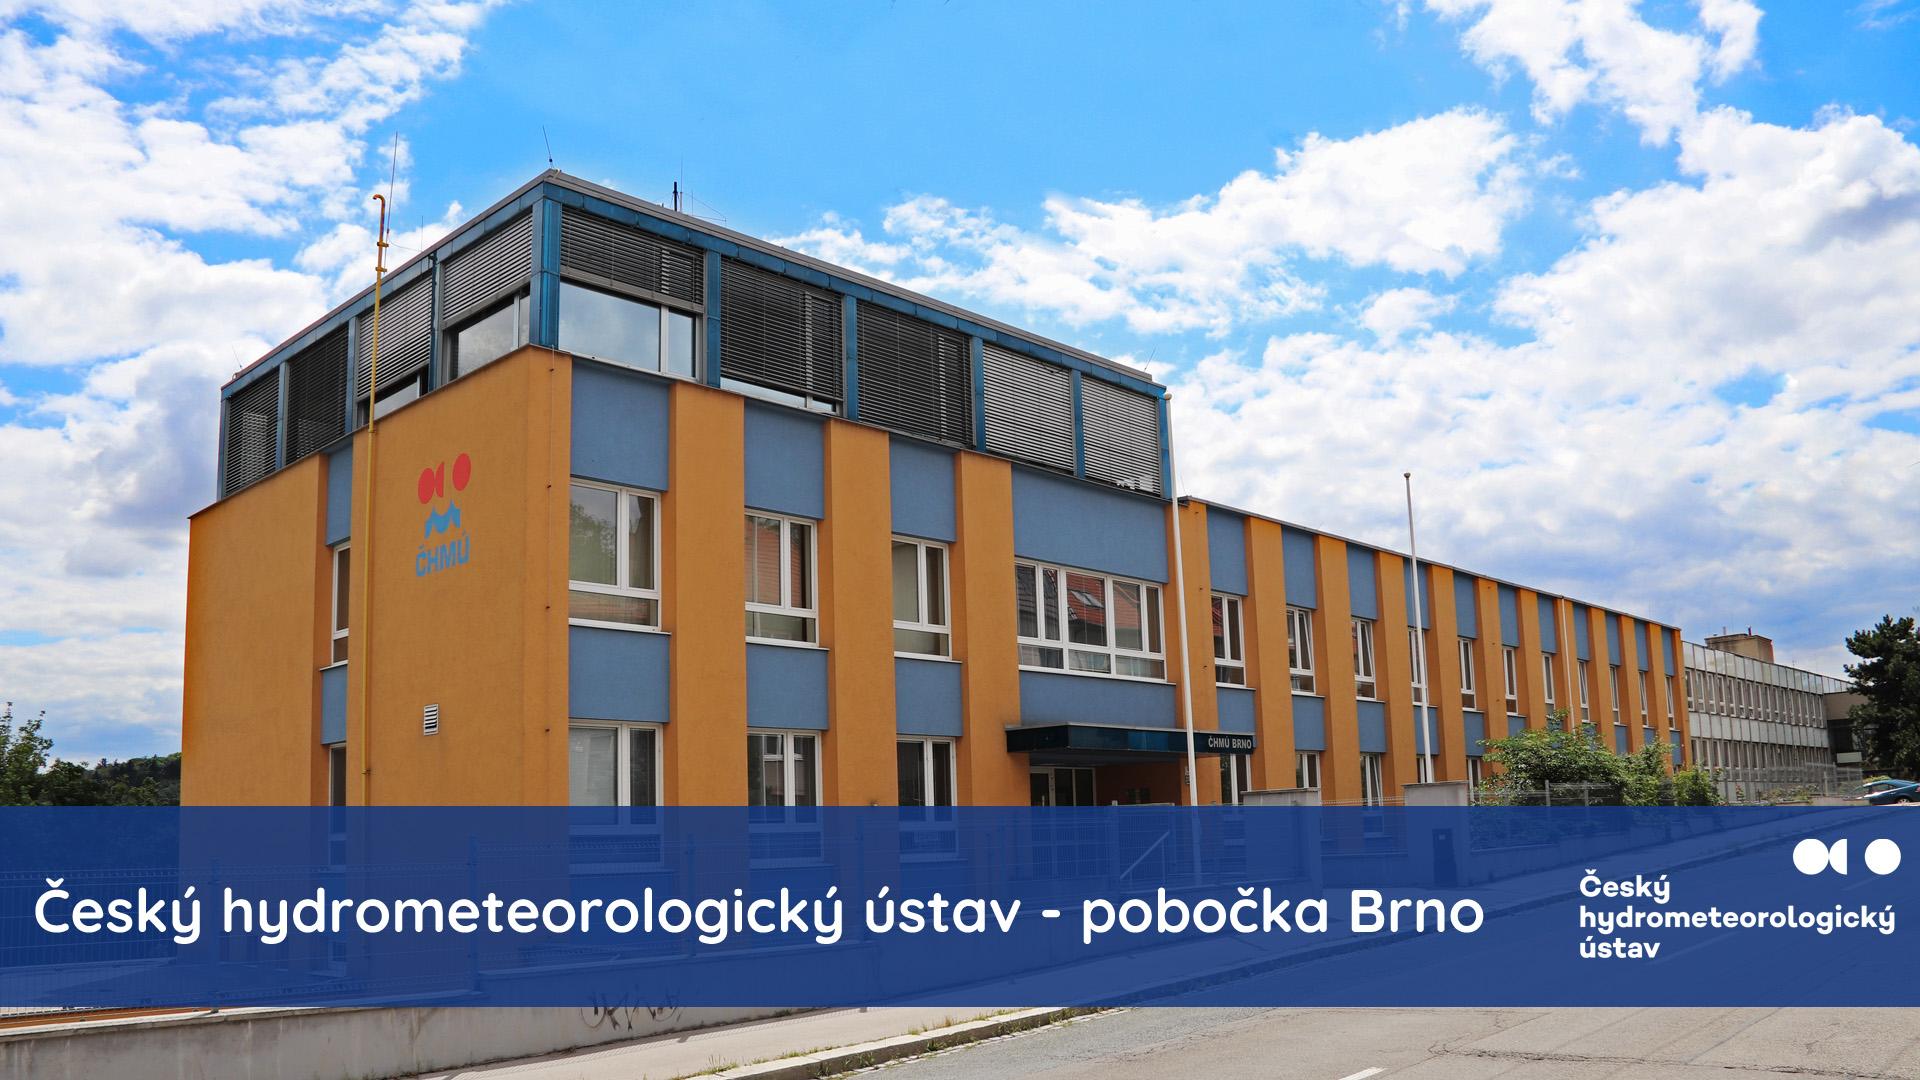 VIDEO: Krátké představení budovy a meteorologické zahrádky ČHMÚ Brno1 min čtení